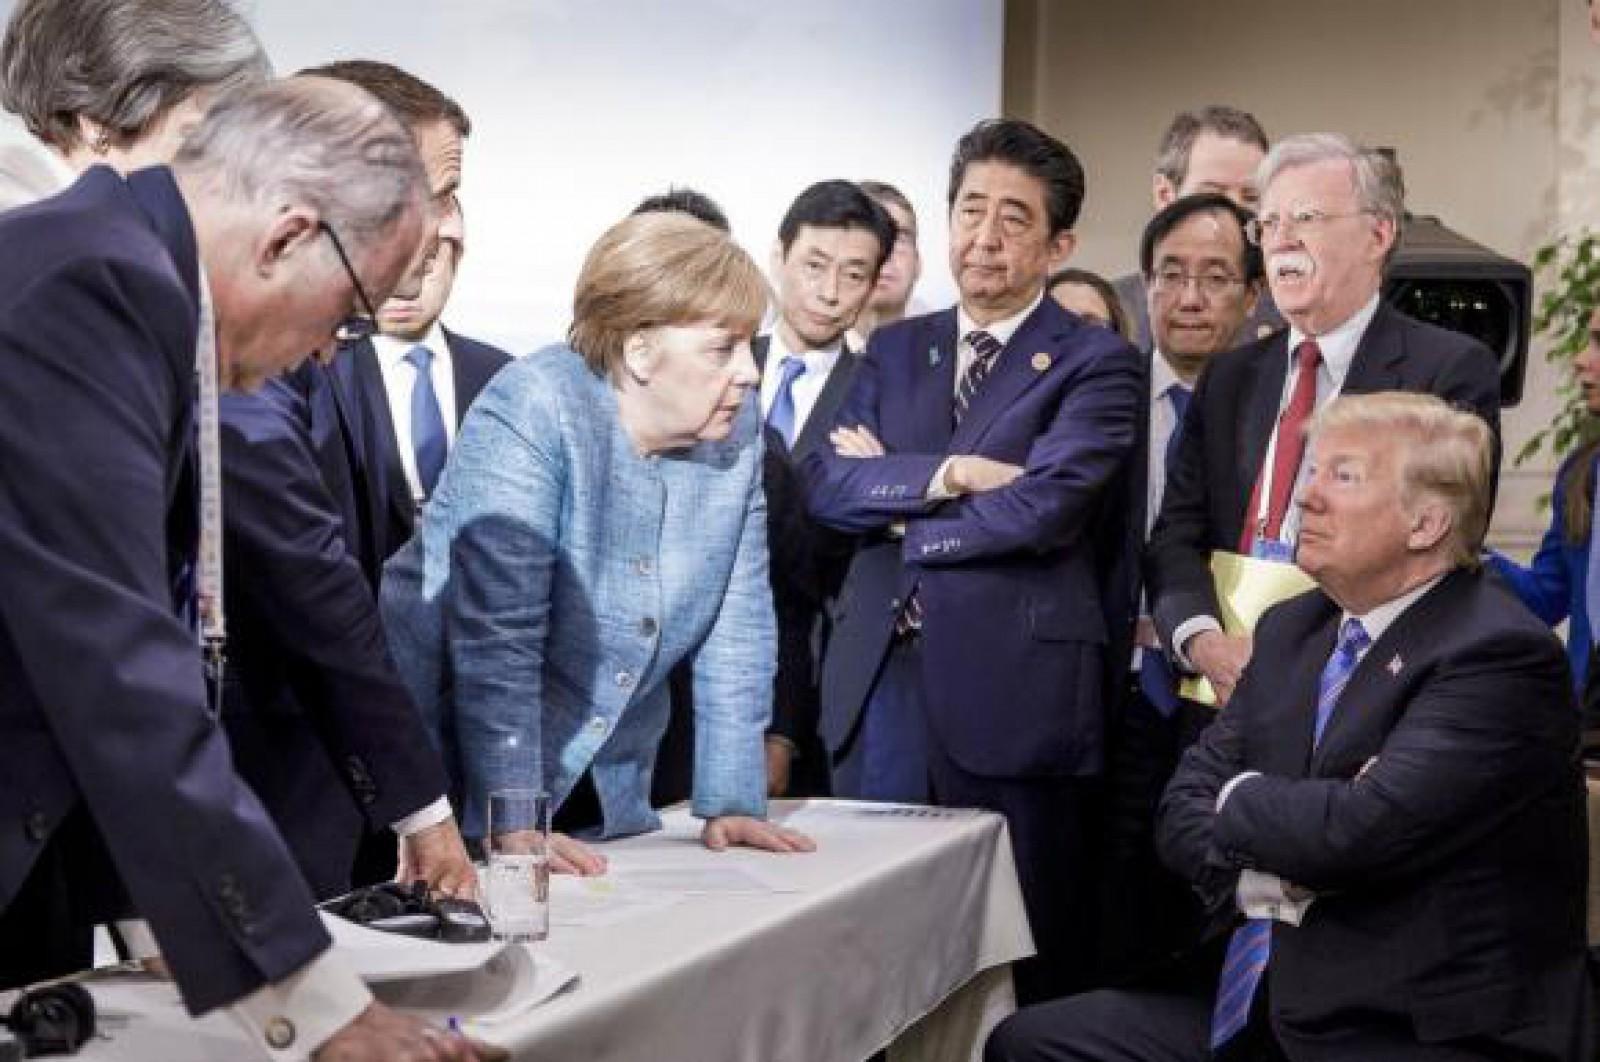 """Poza care a intrat în istorie. Semnificațiile ascunse ale imaginii cu Merkel și Trump, care a """"zguduit Occidentul"""""""